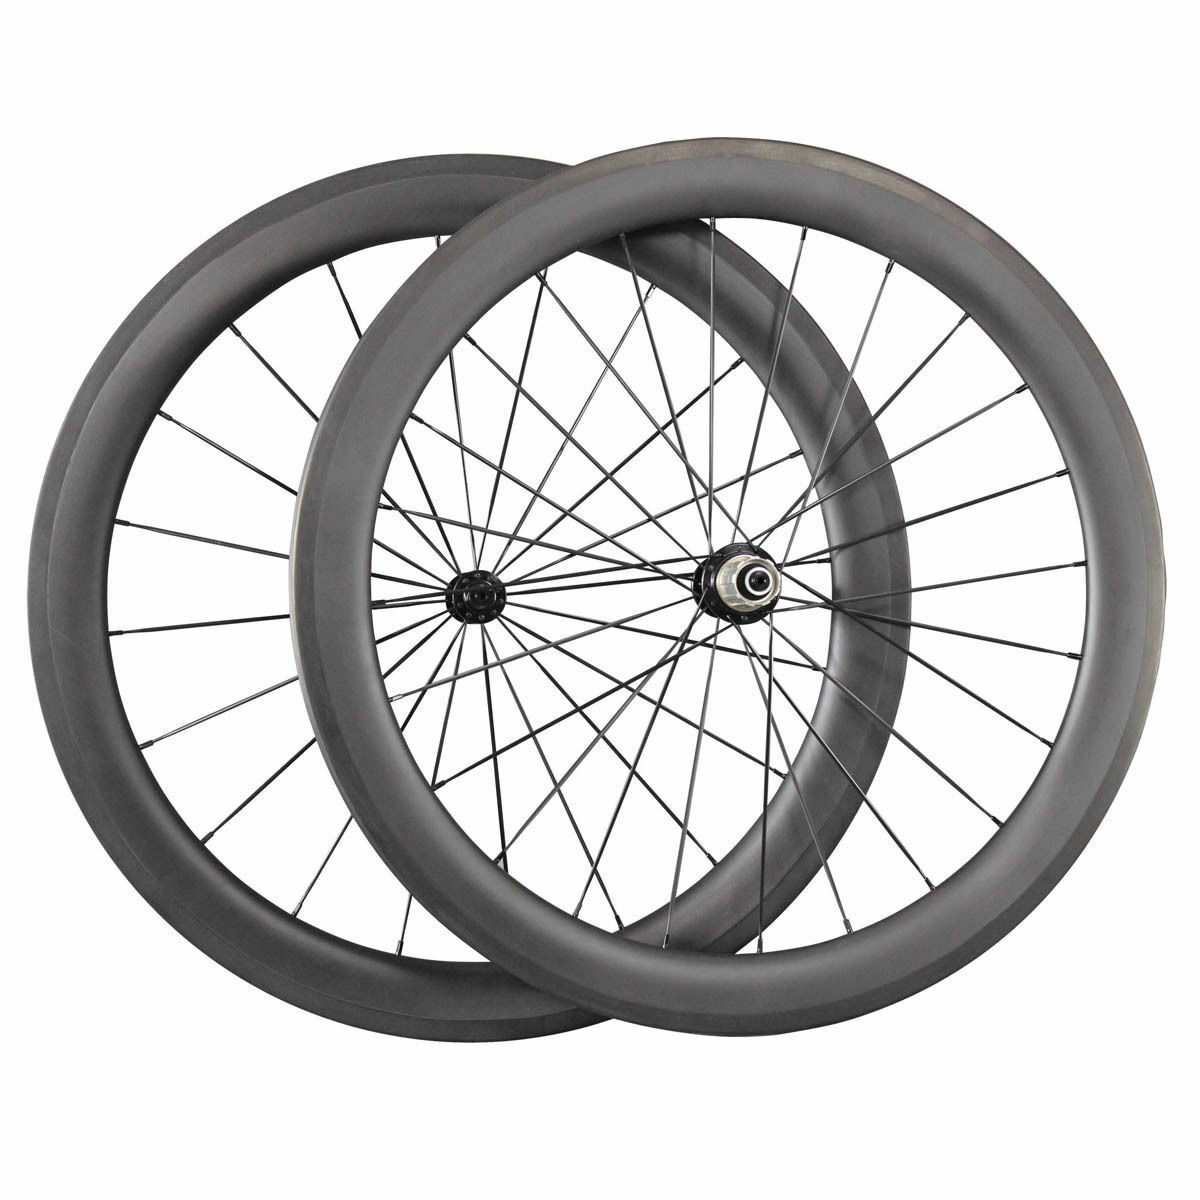 Carbon Road Bike Wheels 60mm Depth Clincher 23mm width Wheelset 1420 Aero Spokes